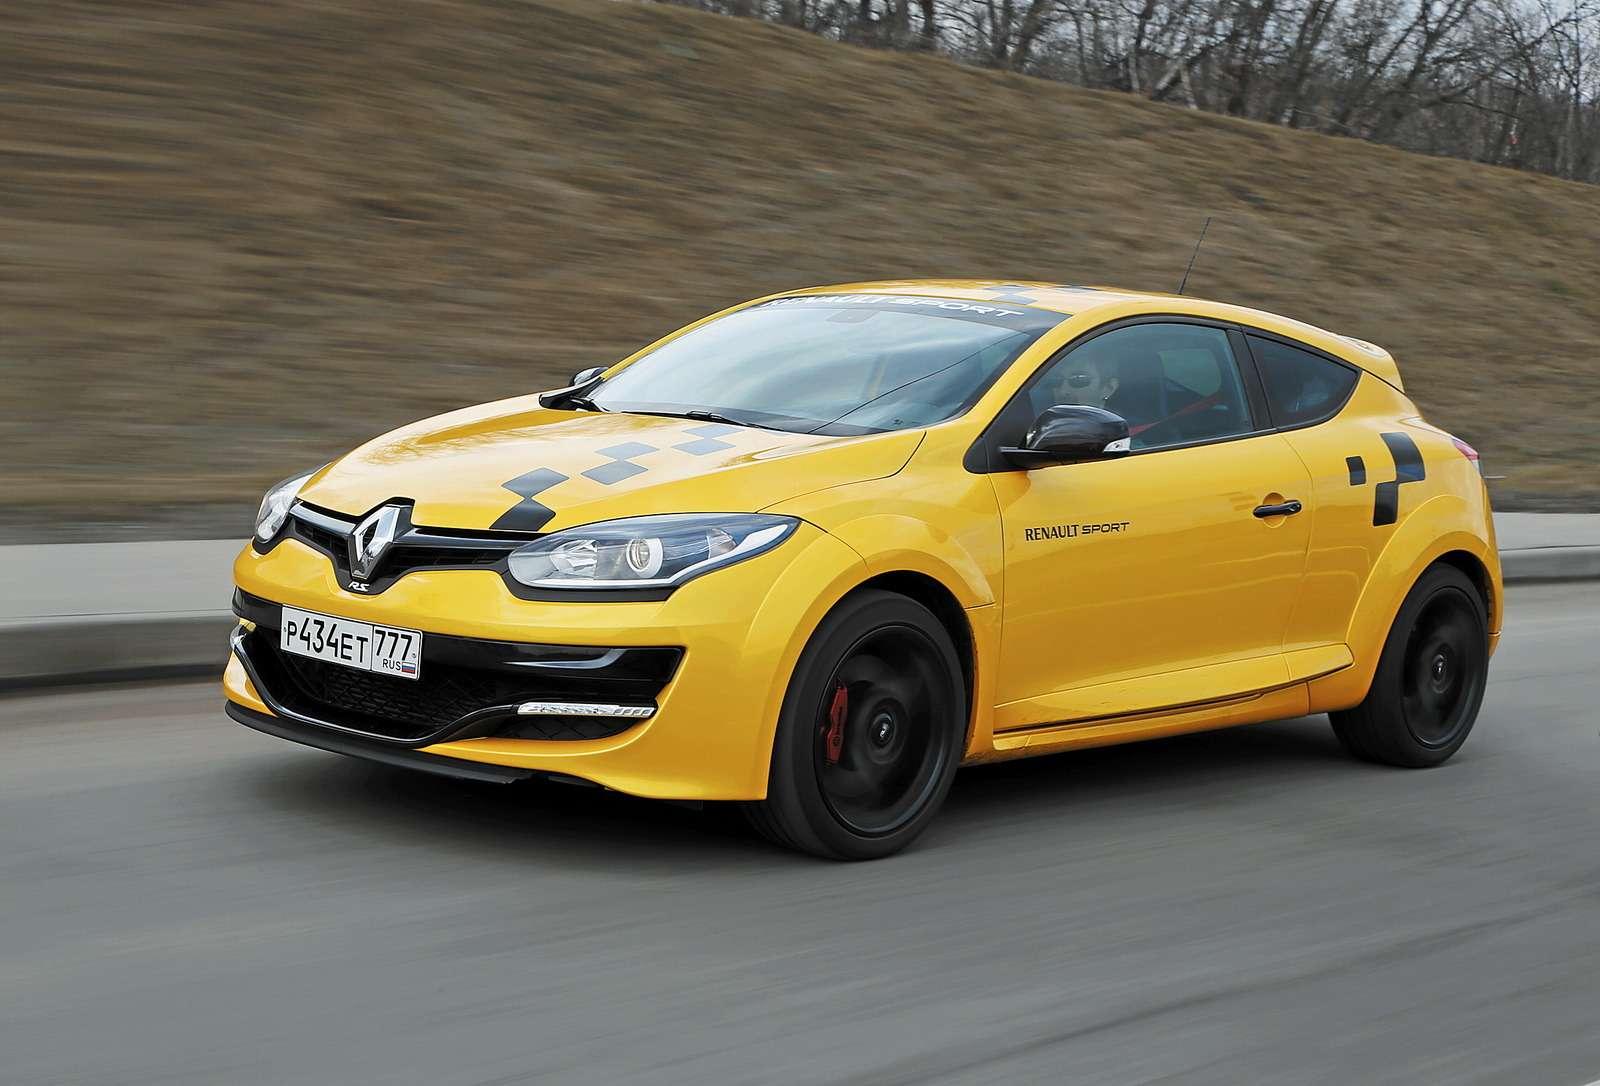 Renault Megane RSCup